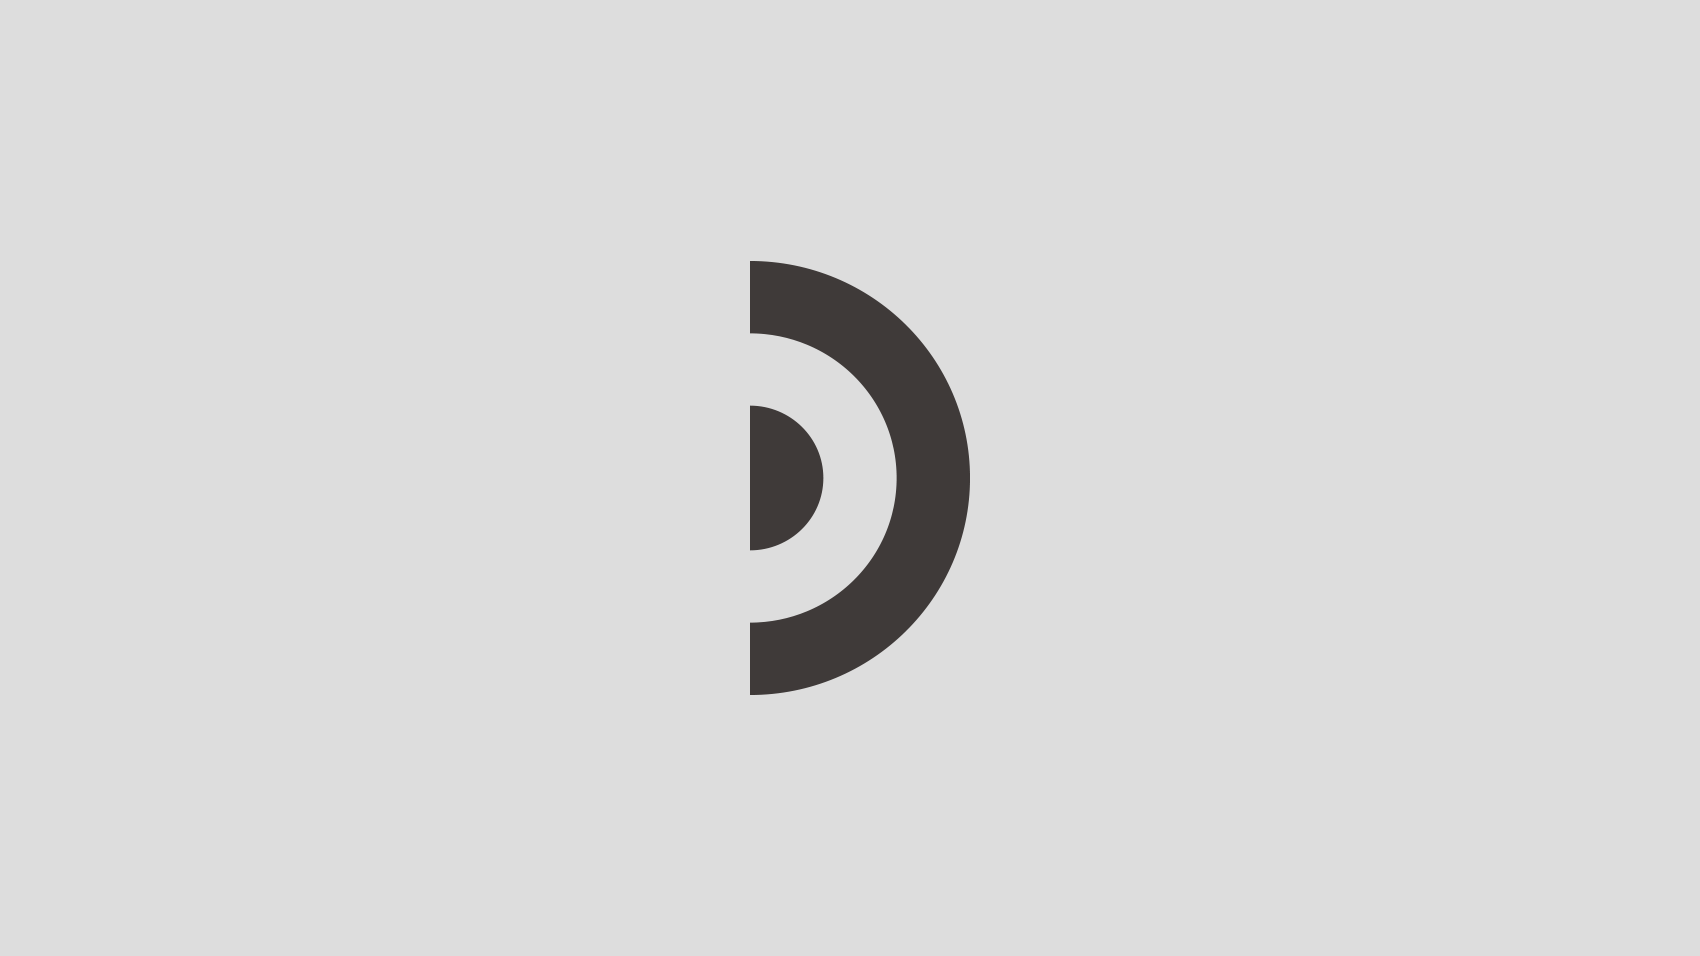 掲げて結束力を高める。制作したデザインチームのロゴデザイン